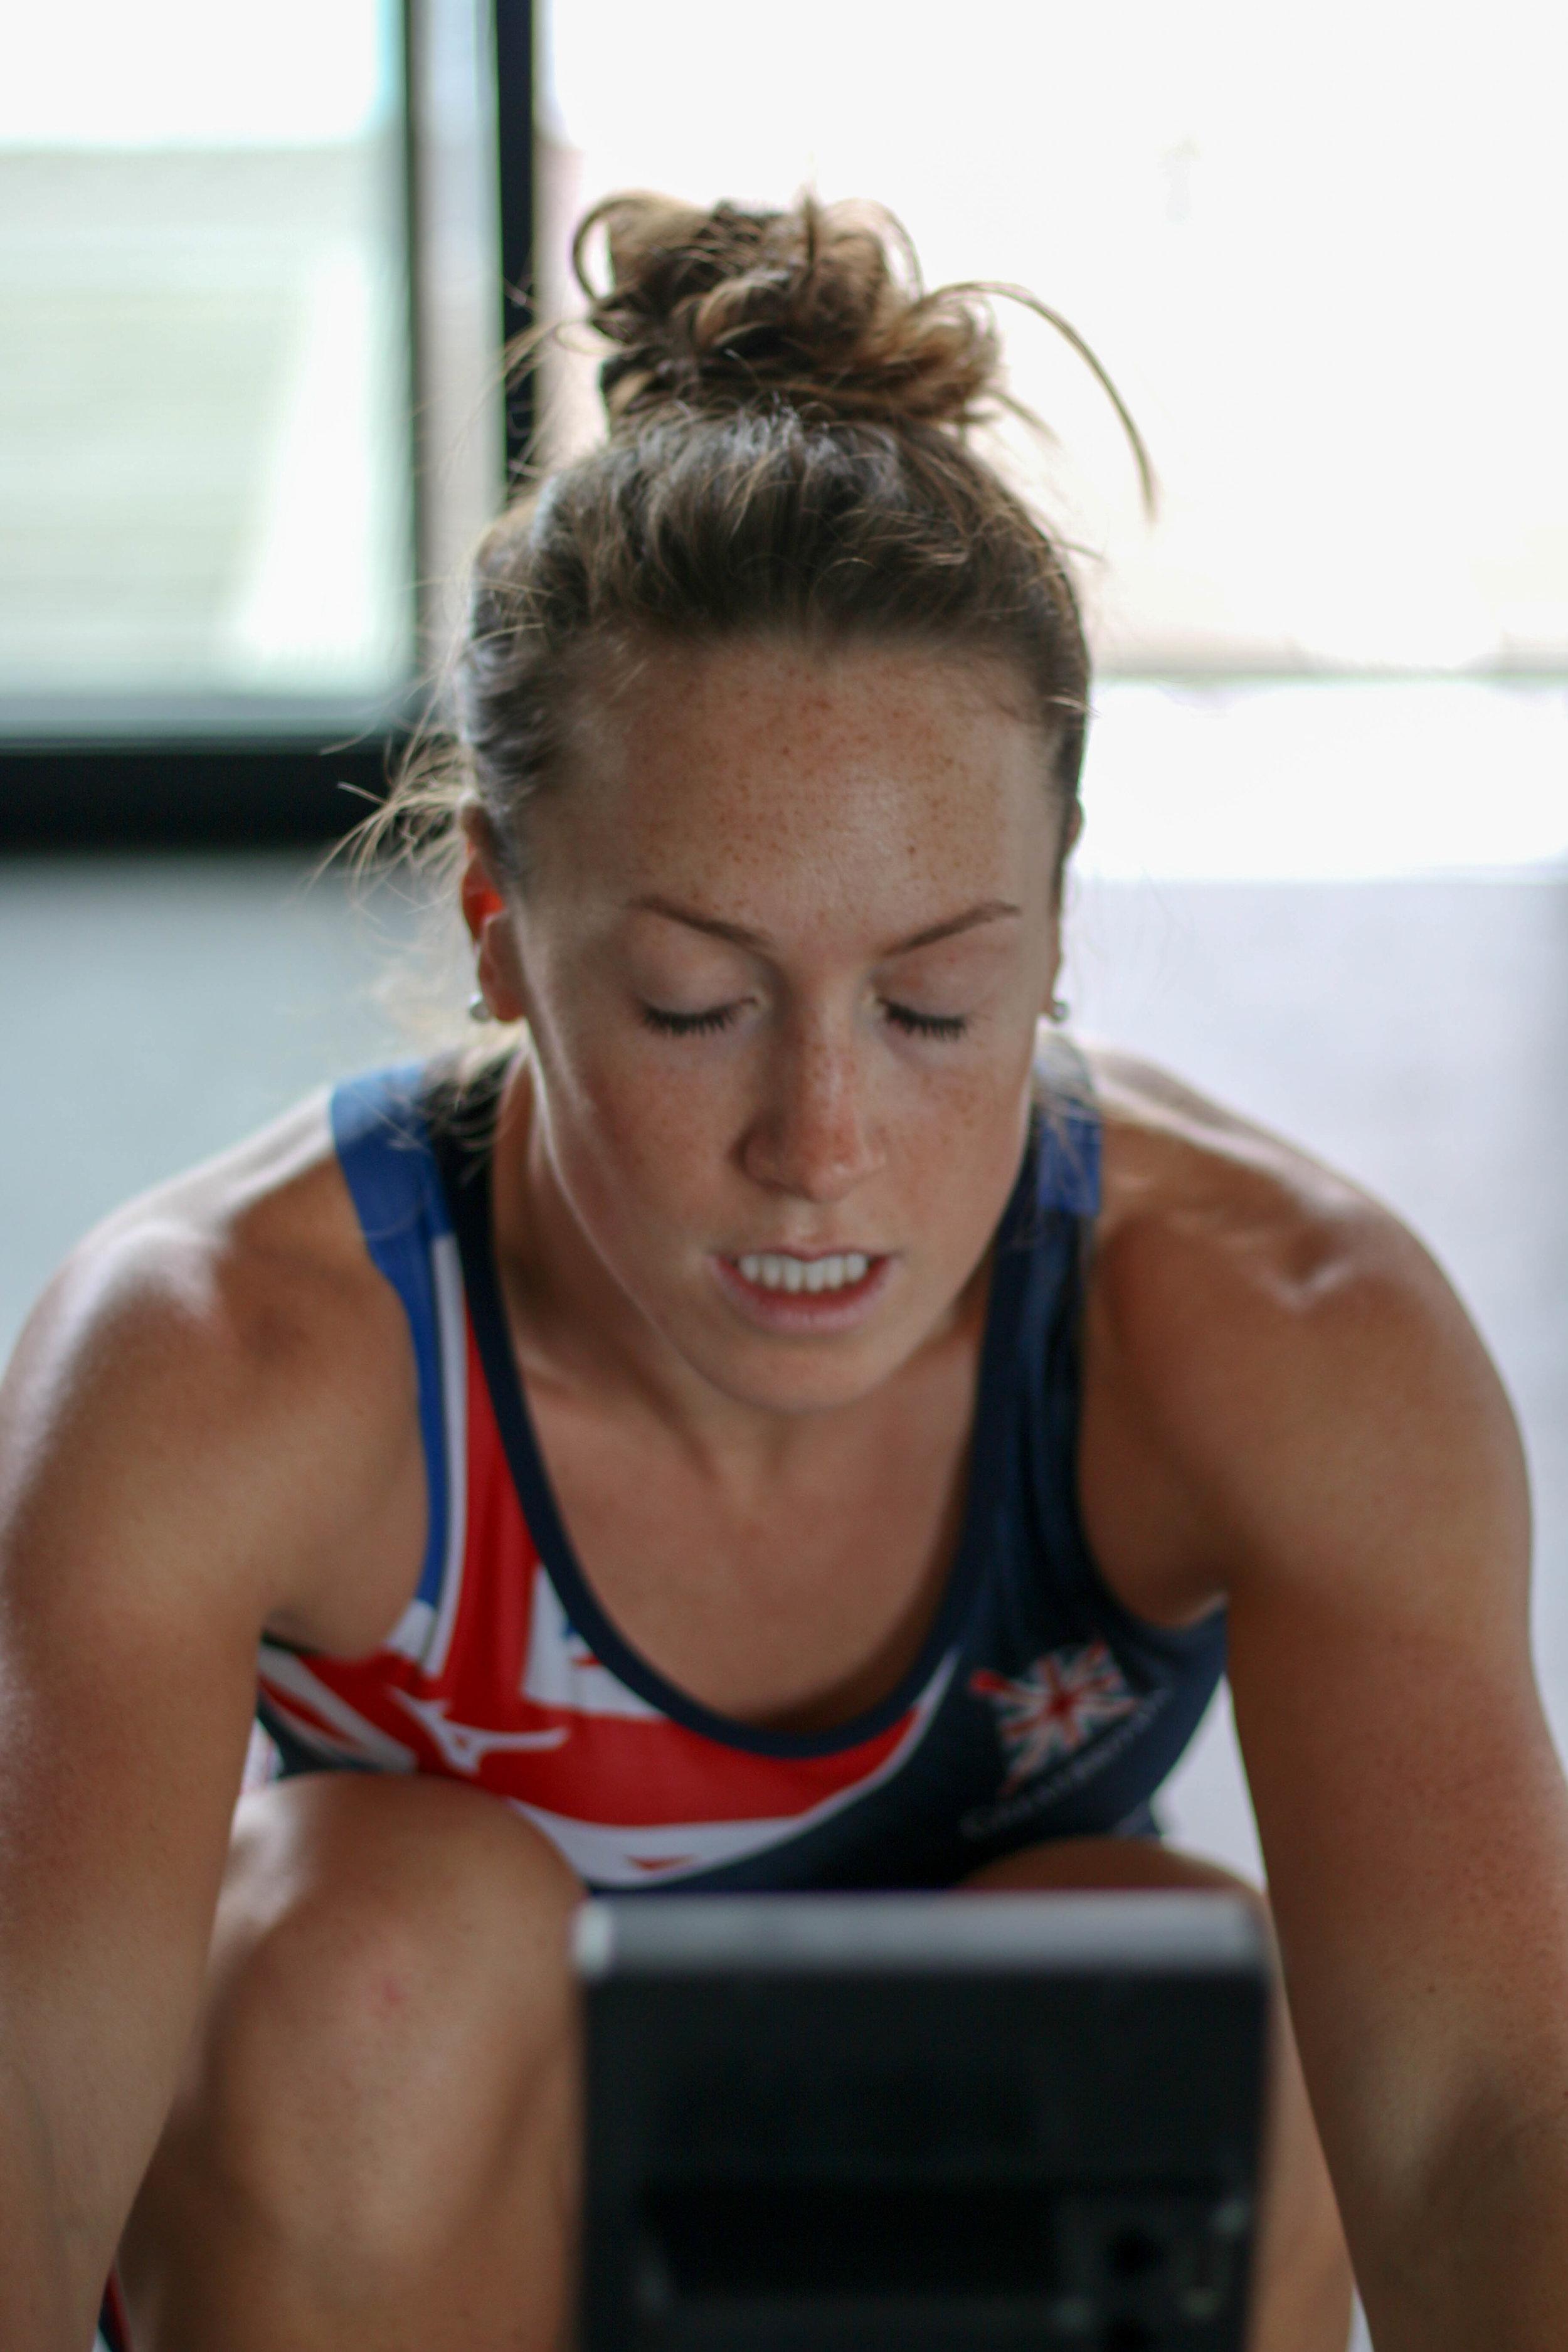 womens-sport-karen-bennett-rowing-athlete09.jpg